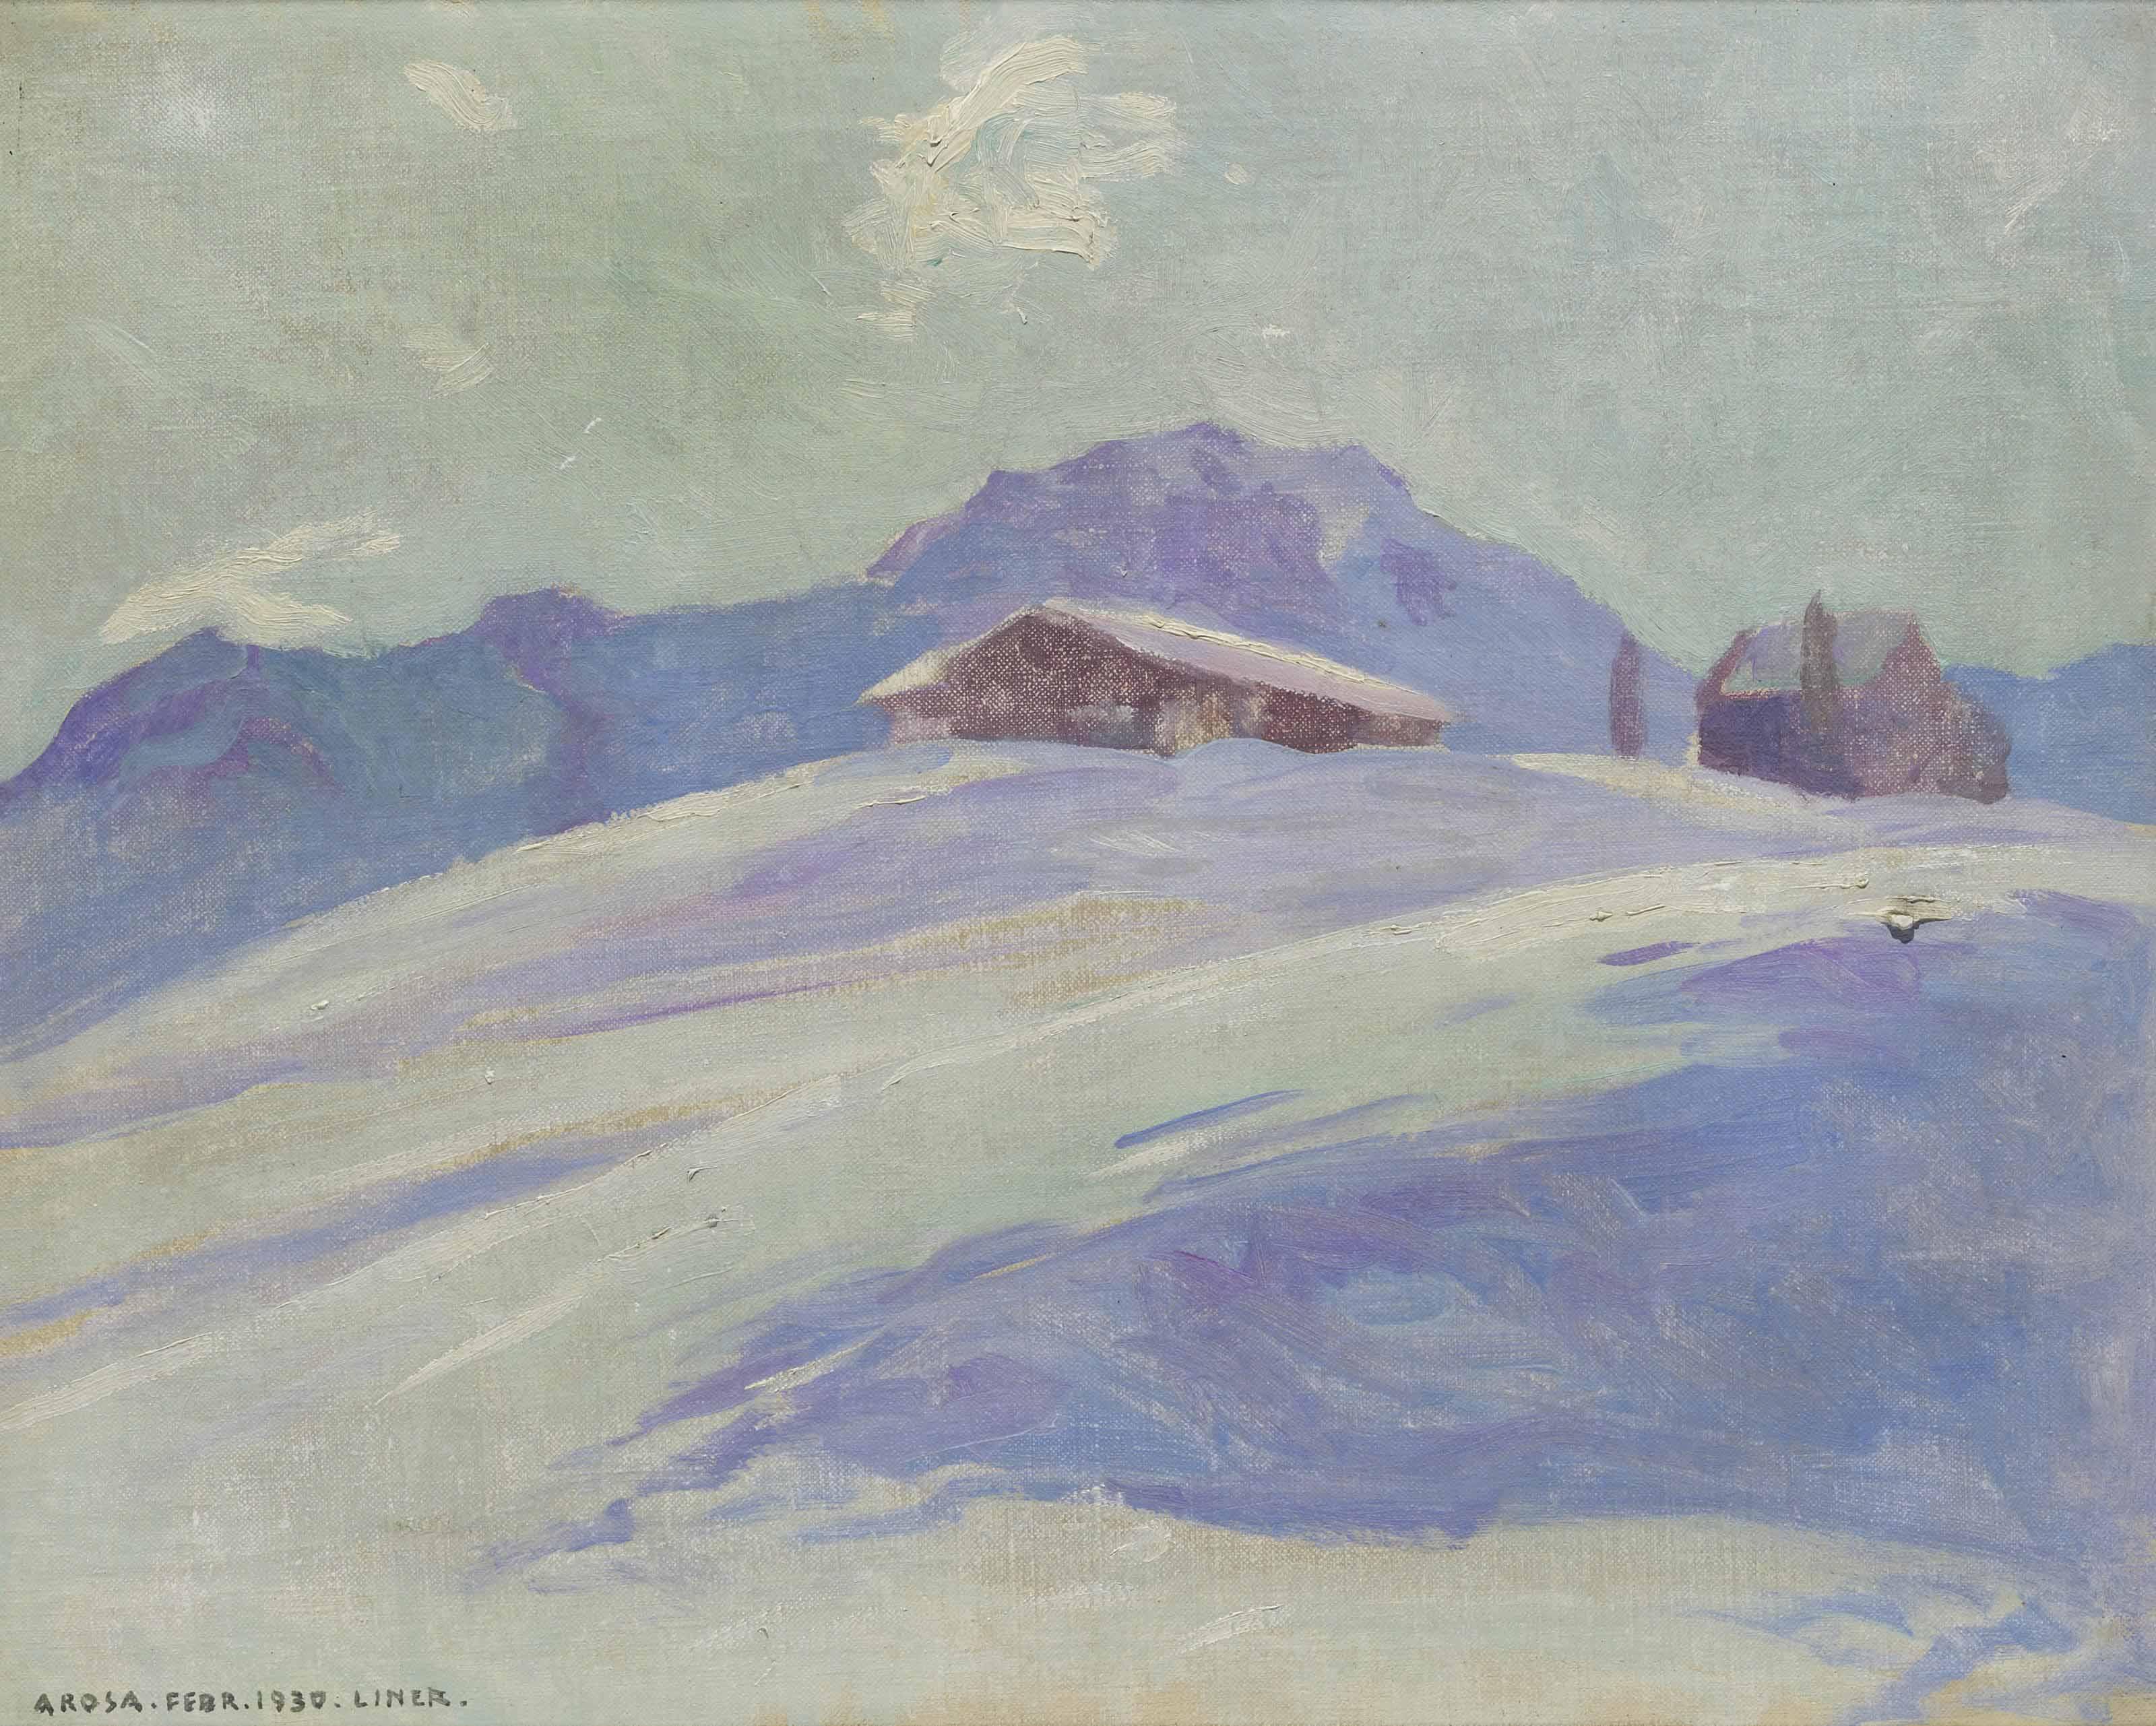 Winterlandschaft Arosa, 1930